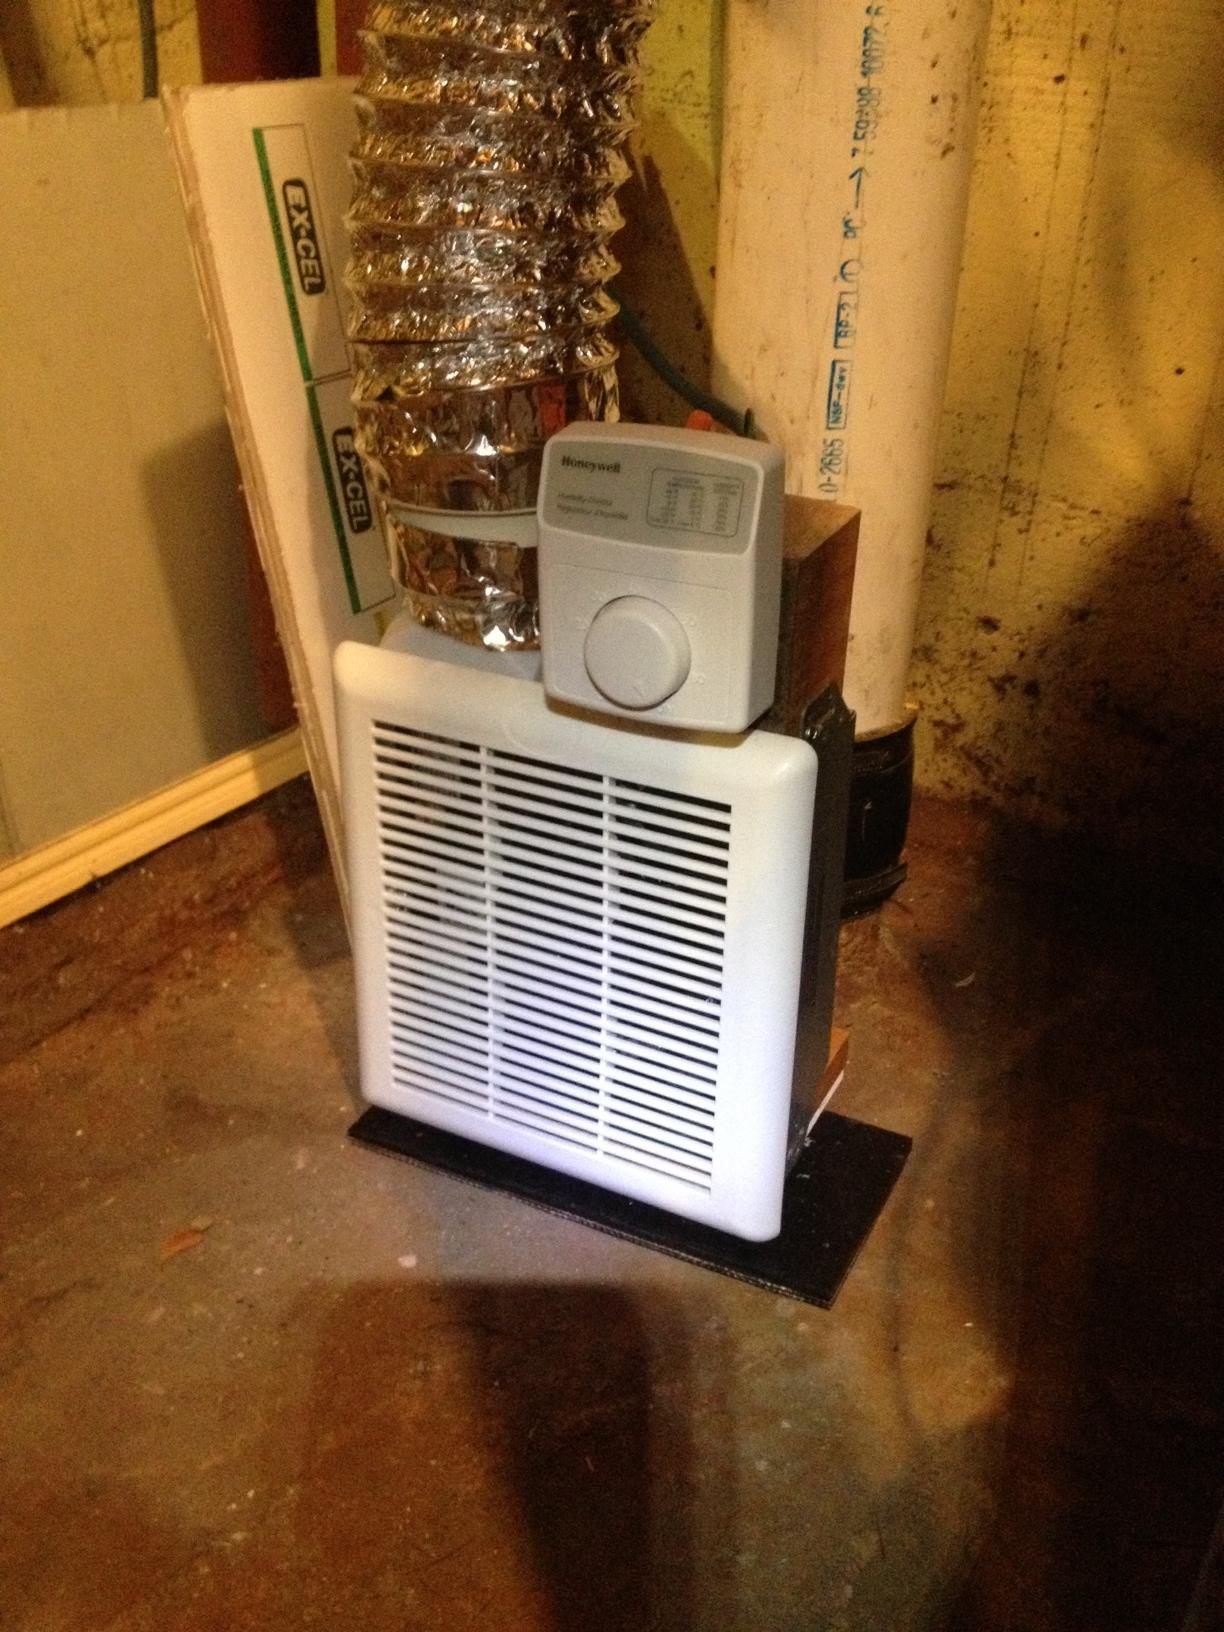 Basement Exhaust Fan With Humidity Basement Exhaust Fan With Humidity basement moisture exhaust fan hot rod harmonicas 1224 X 1632